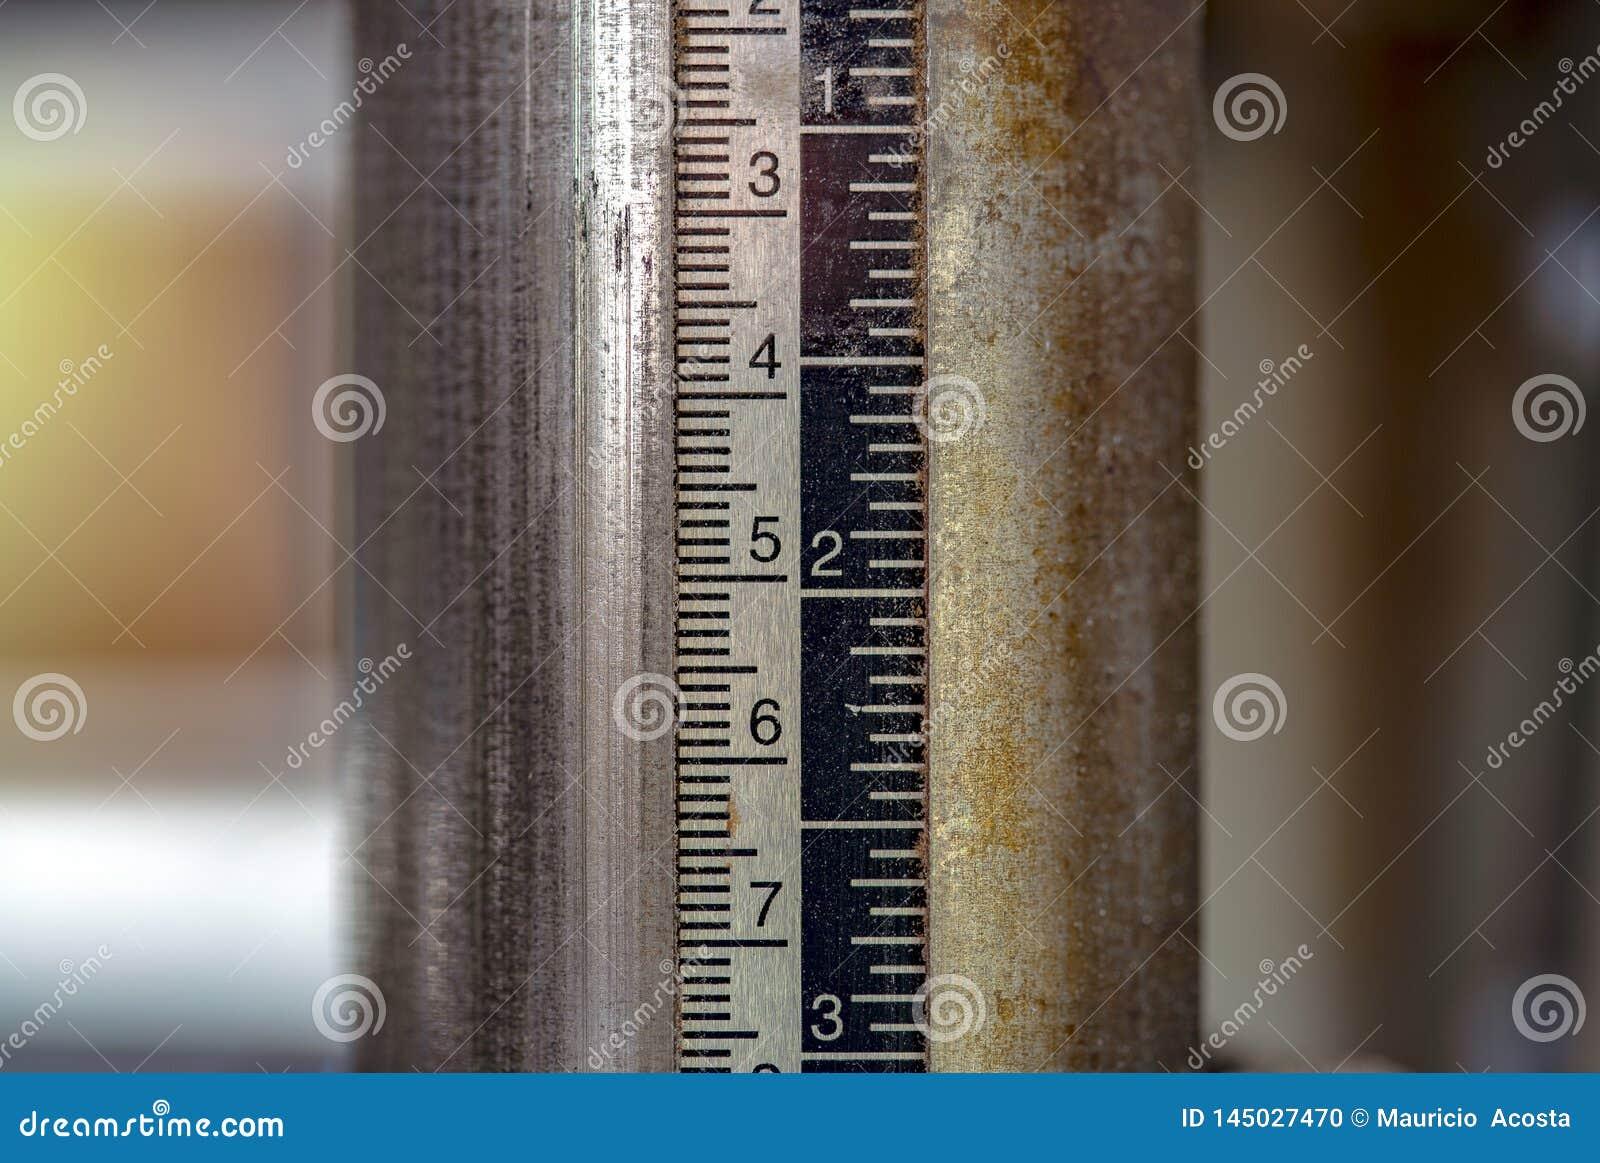 Carpenter planer measuring tool at a workshop